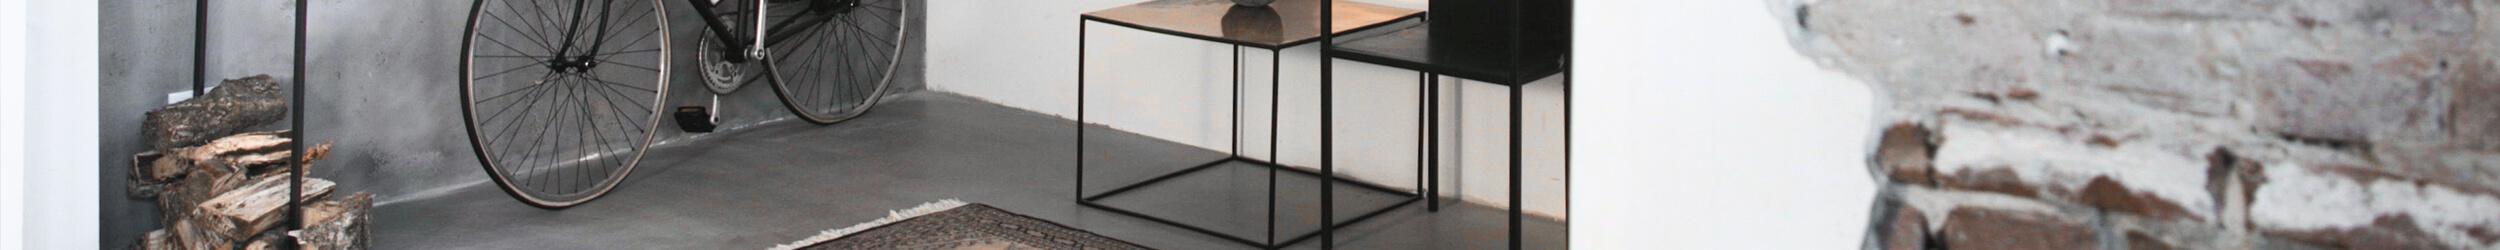 Fusion-Basebeton-vloer-betoncire-betonlook-Gouda